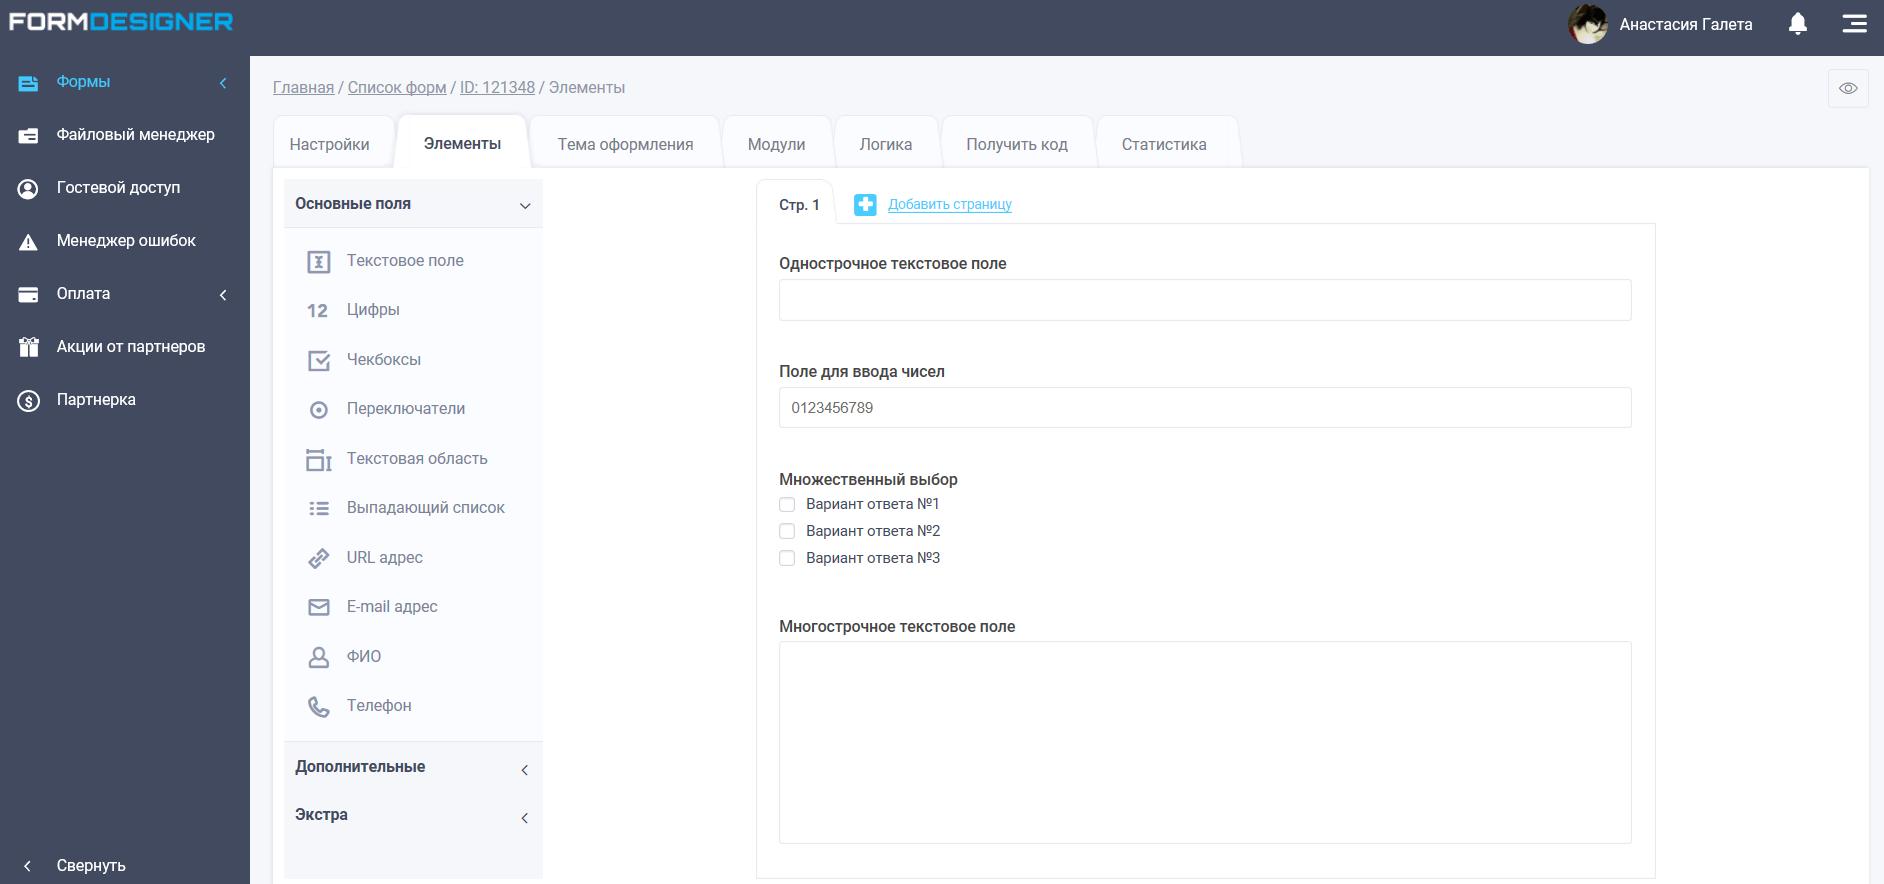 Создание формы обратной связи в FormDesigner